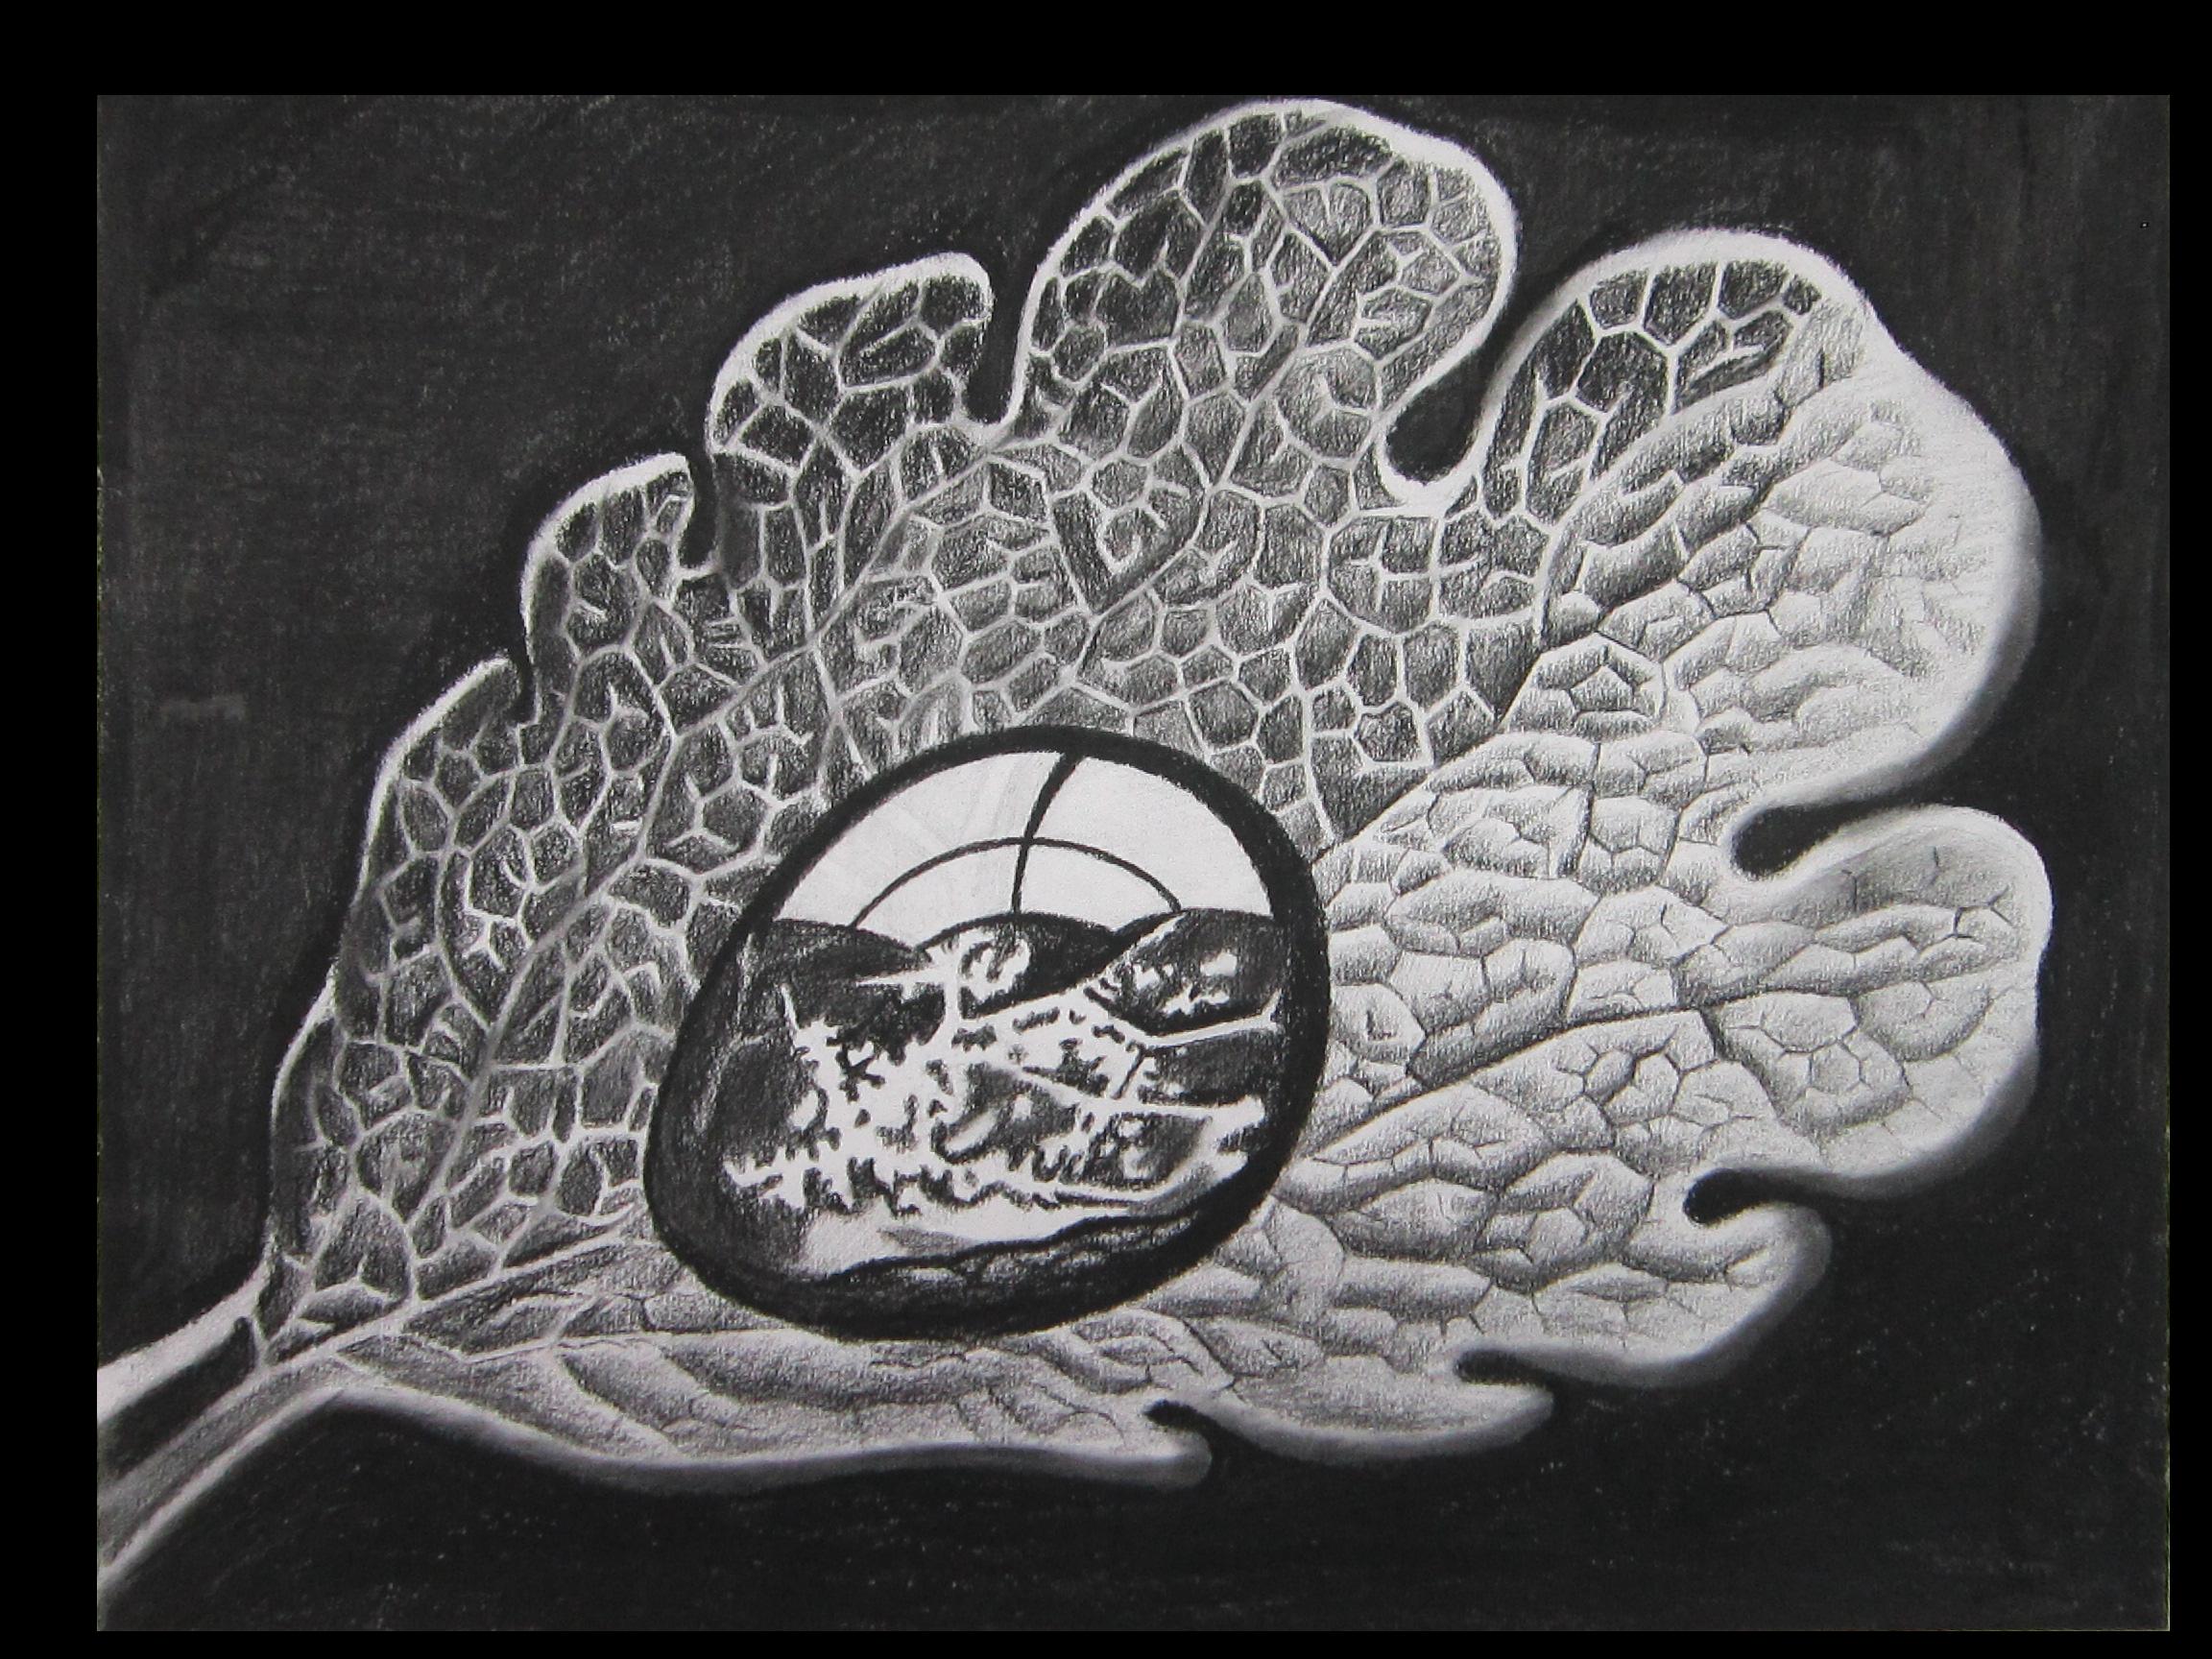 M.C. Escher Study